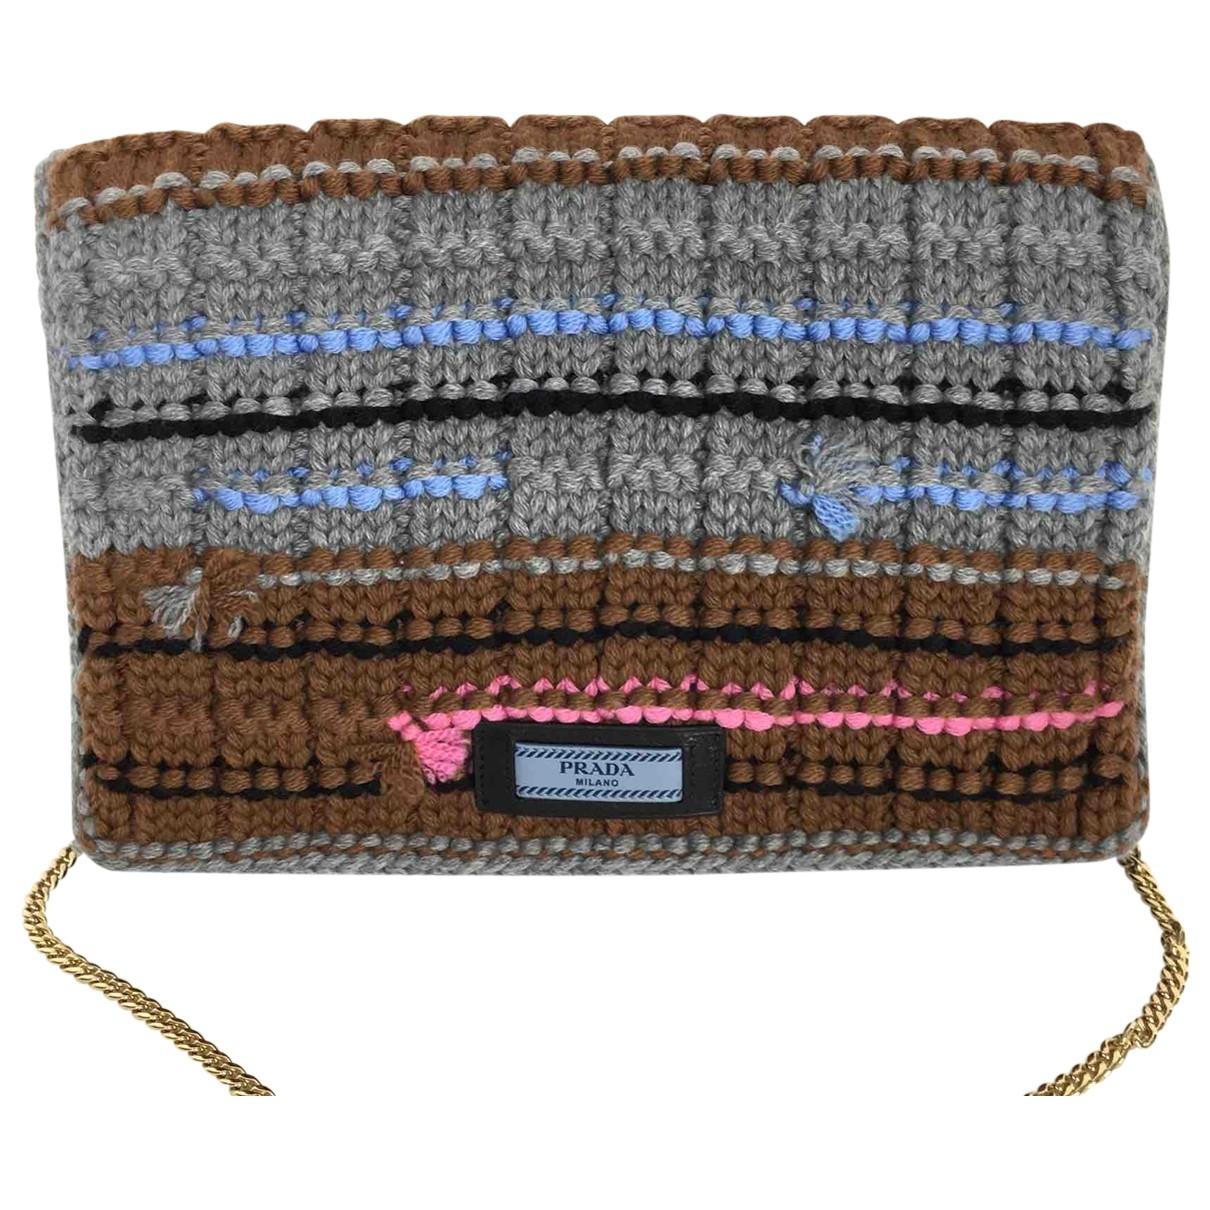 Prada - Sac a main   pour femme en laine - multicolore